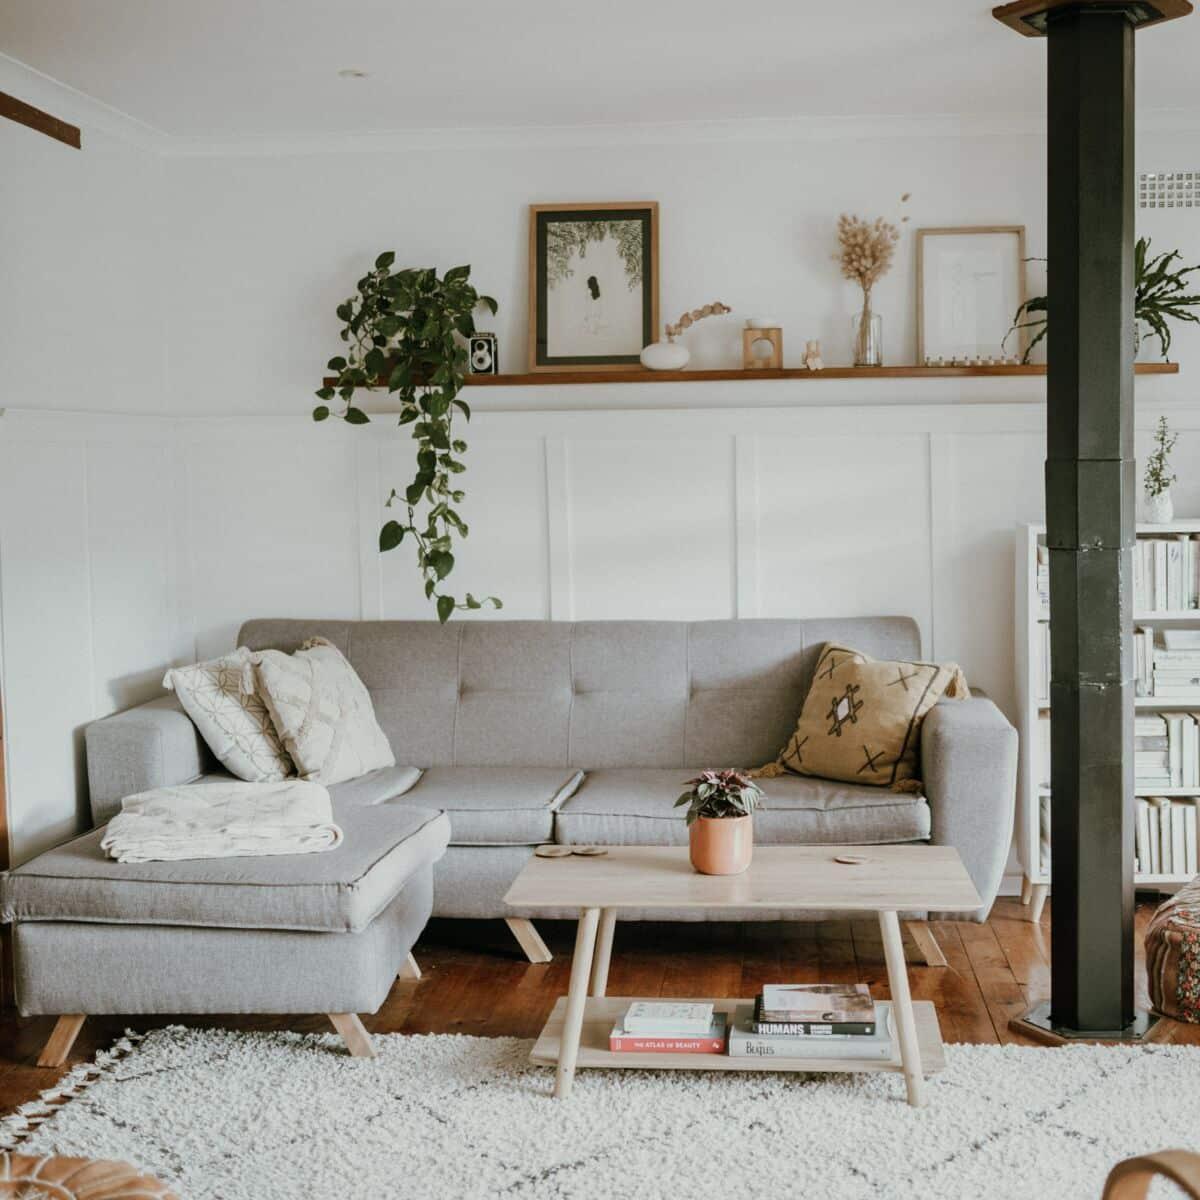 Comment adopter un style scandinave et moderne dans votre salon?